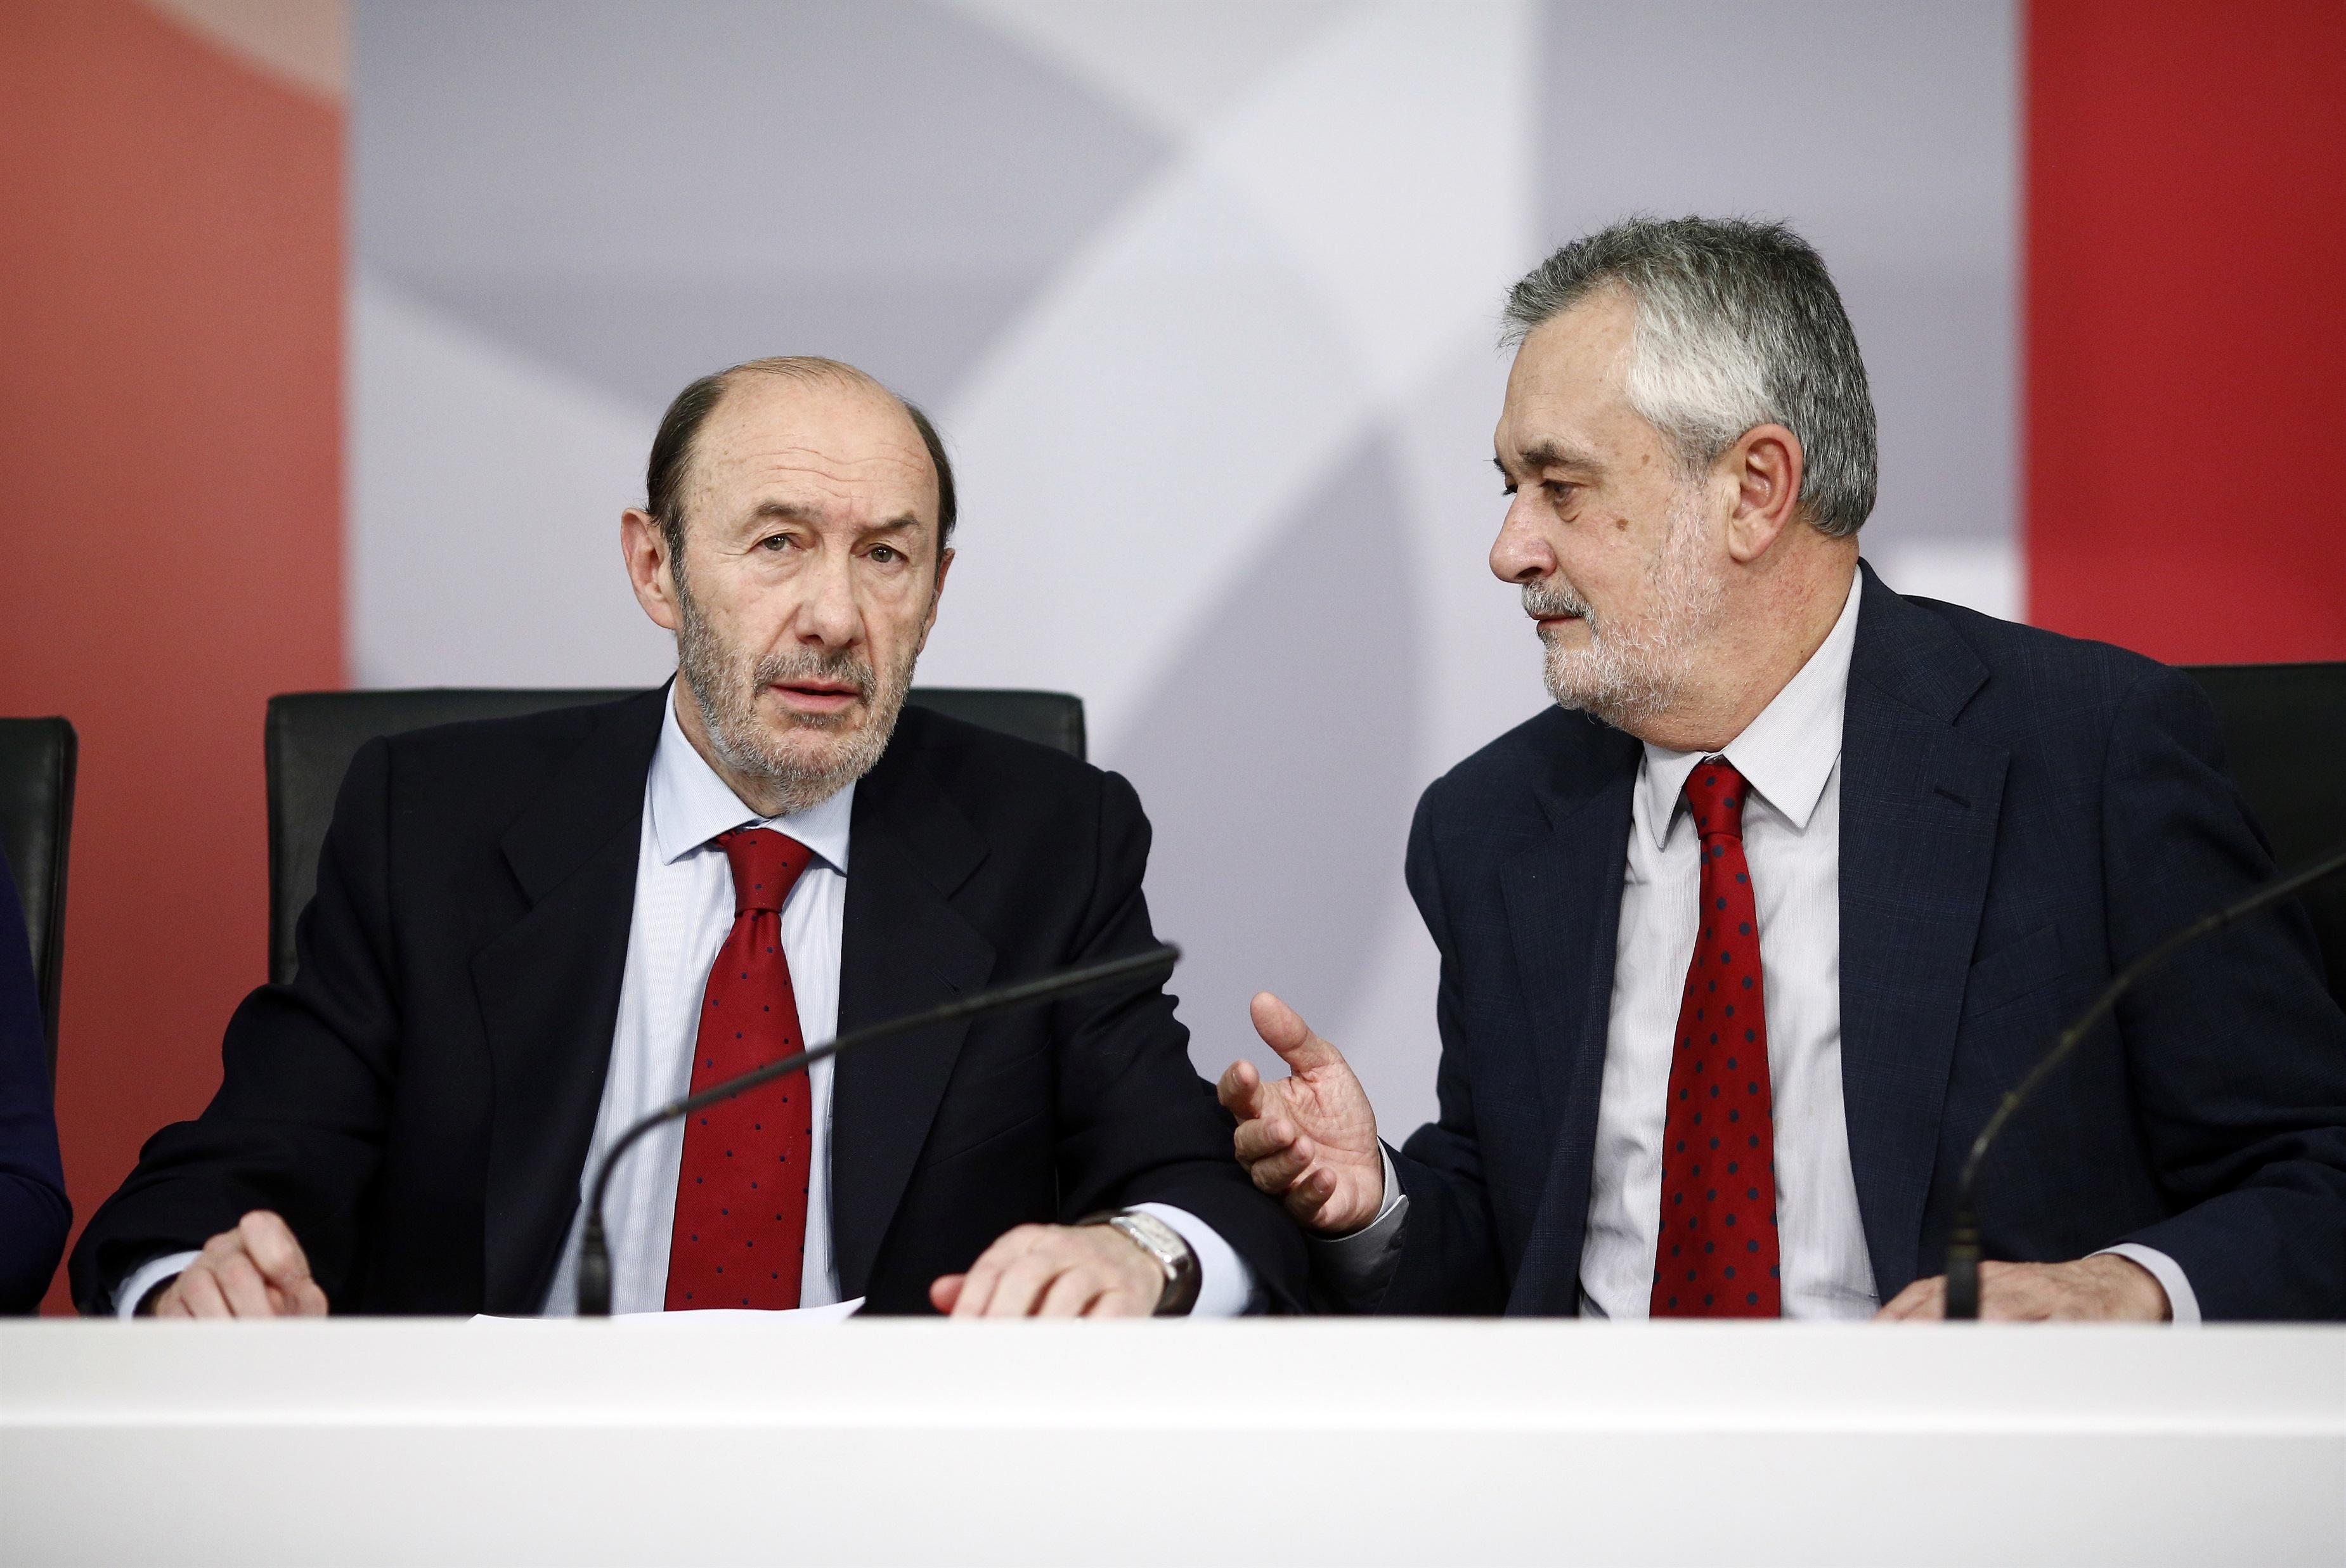 El PSOE convoca mañana a su Ejecutiva para estudiar y dar el visto bueno a las primarias en Andalucía